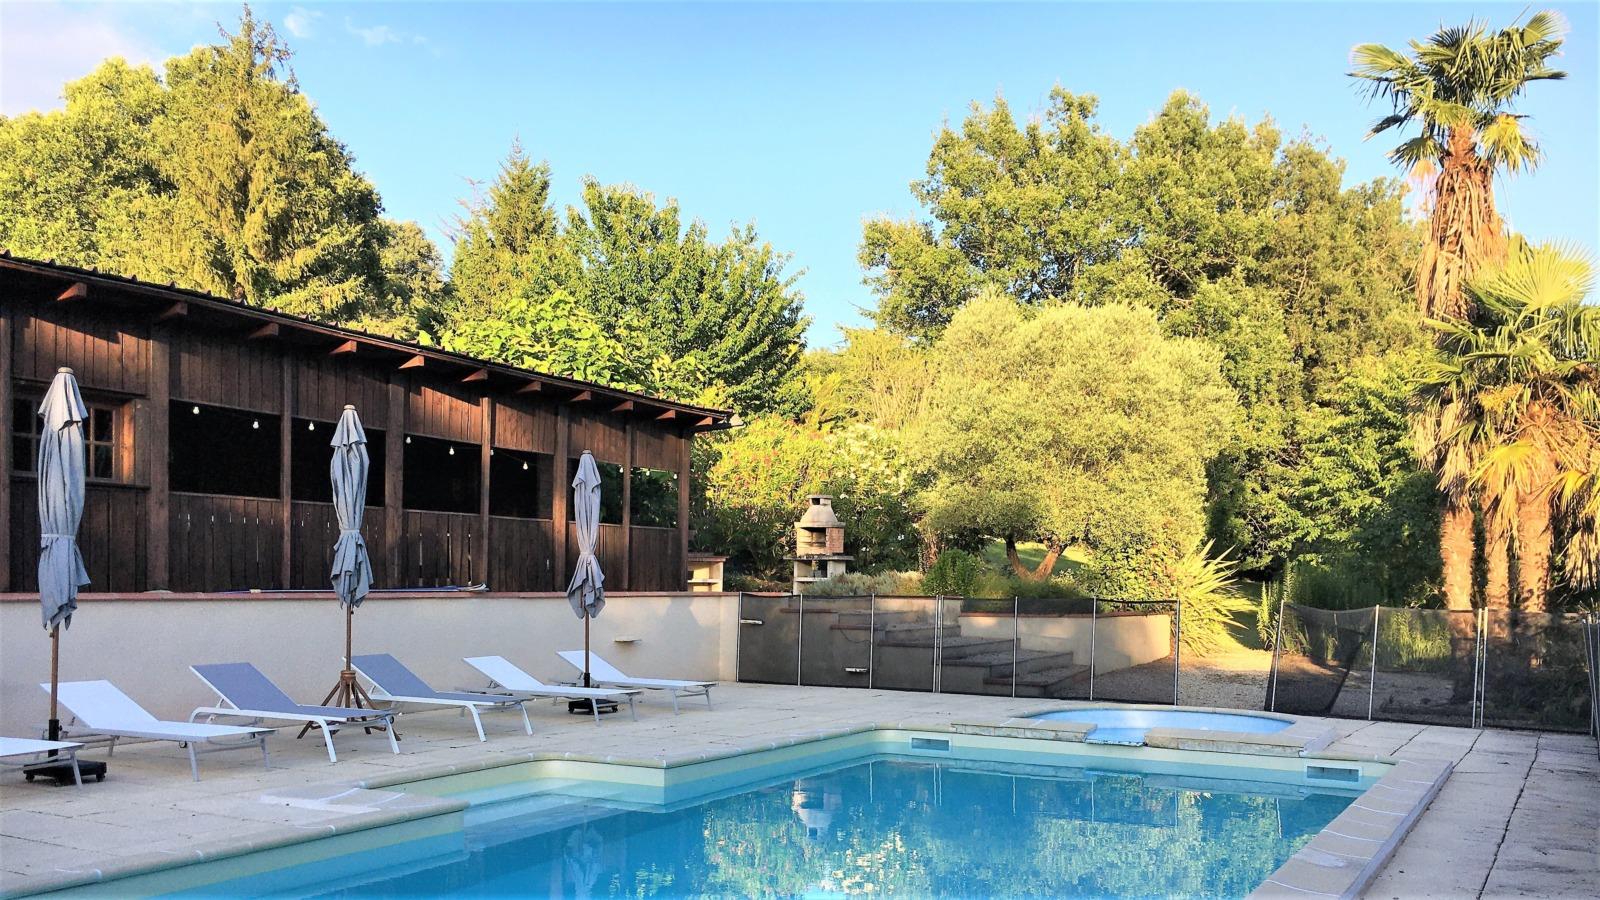 Une piscine, des transats, des parasols, un barbecue, des arbres, du beau temps